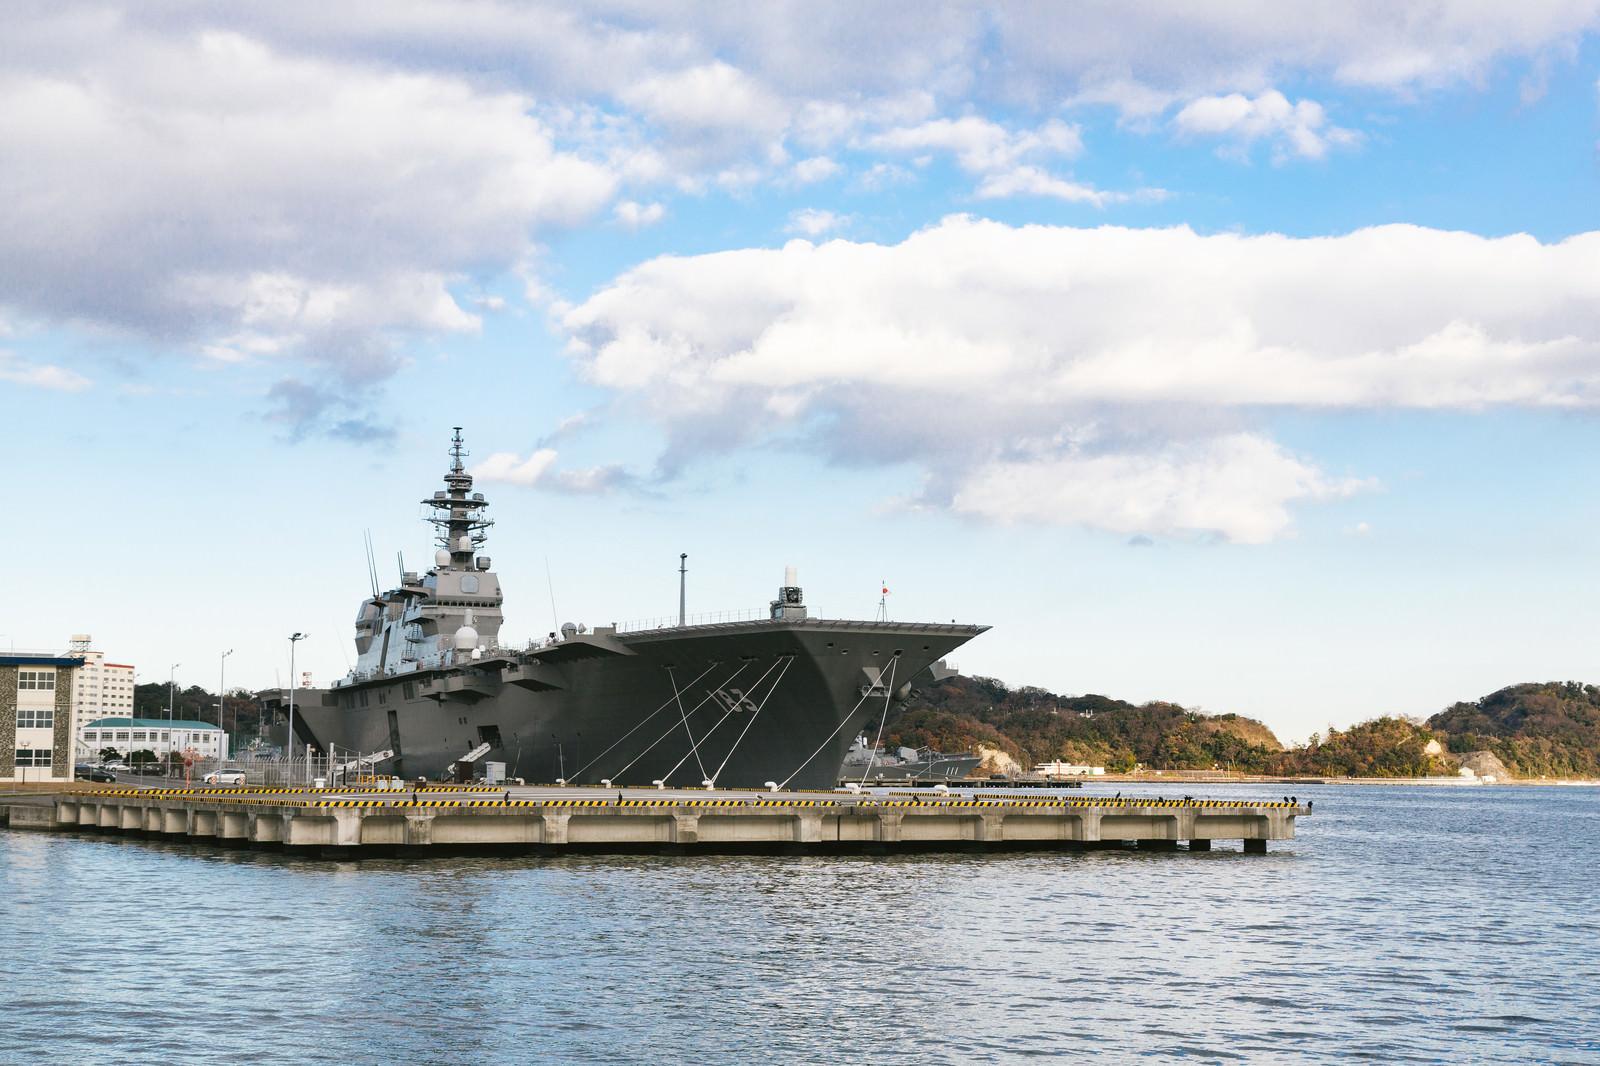 「横須賀に停泊する護衛艦「いずも」横須賀に停泊する護衛艦「いずも」」のフリー写真素材を拡大